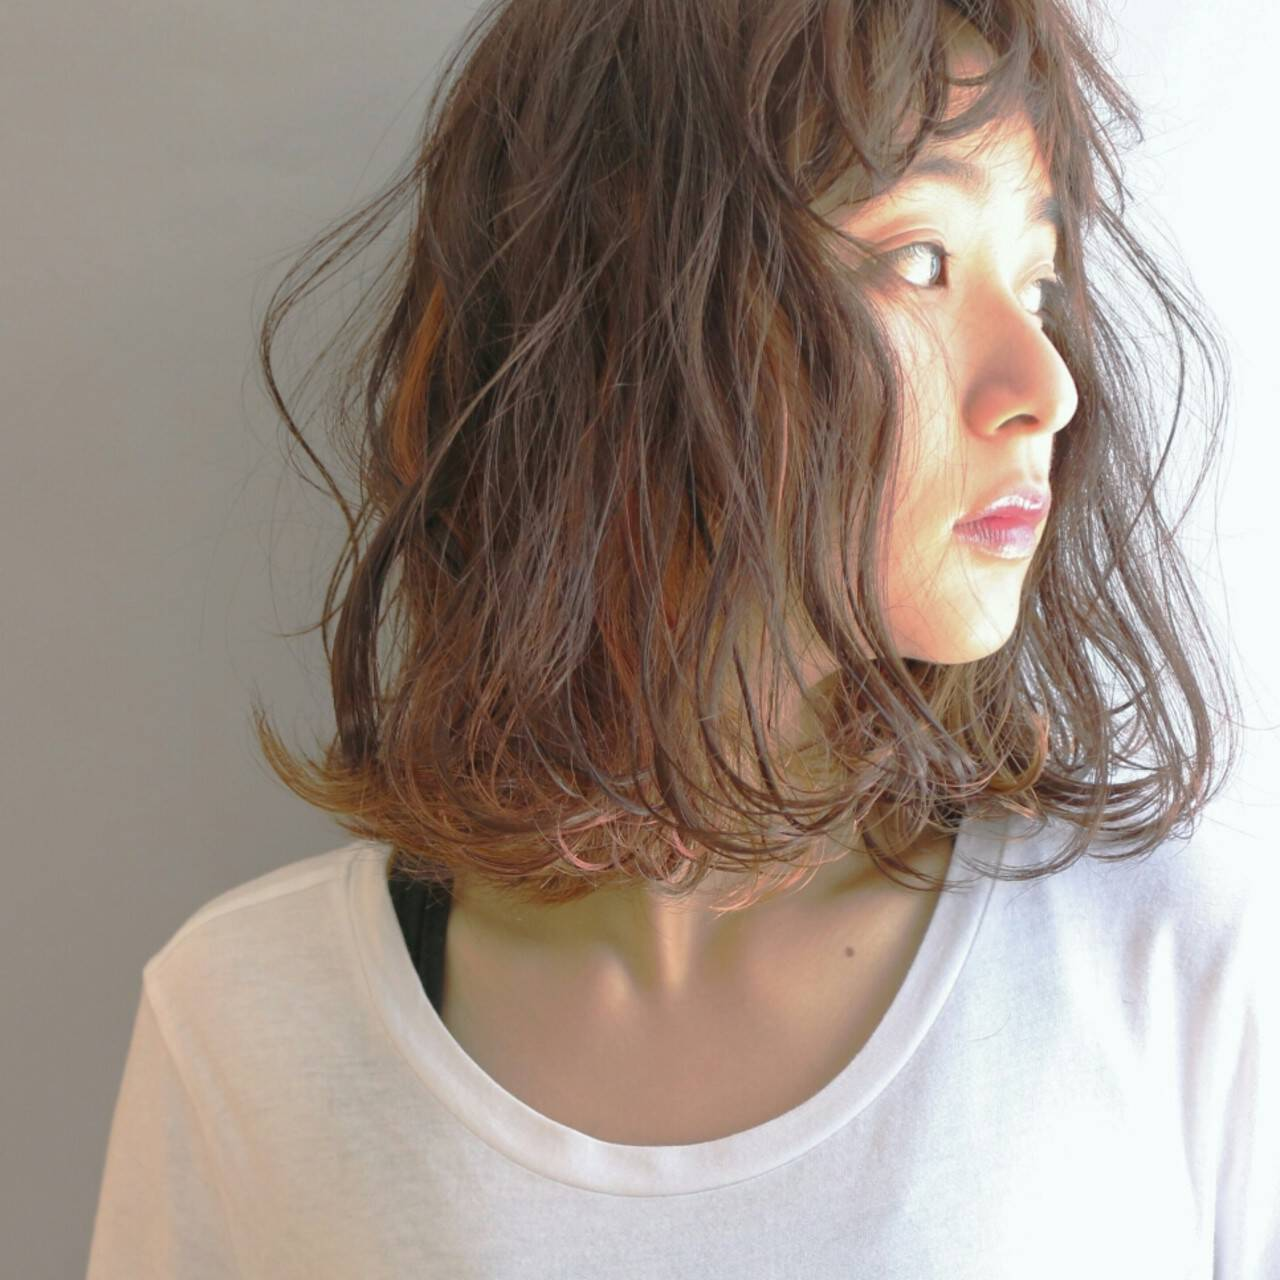 前髪あり パーマ 外国人風 ハイライトヘアスタイルや髪型の写真・画像